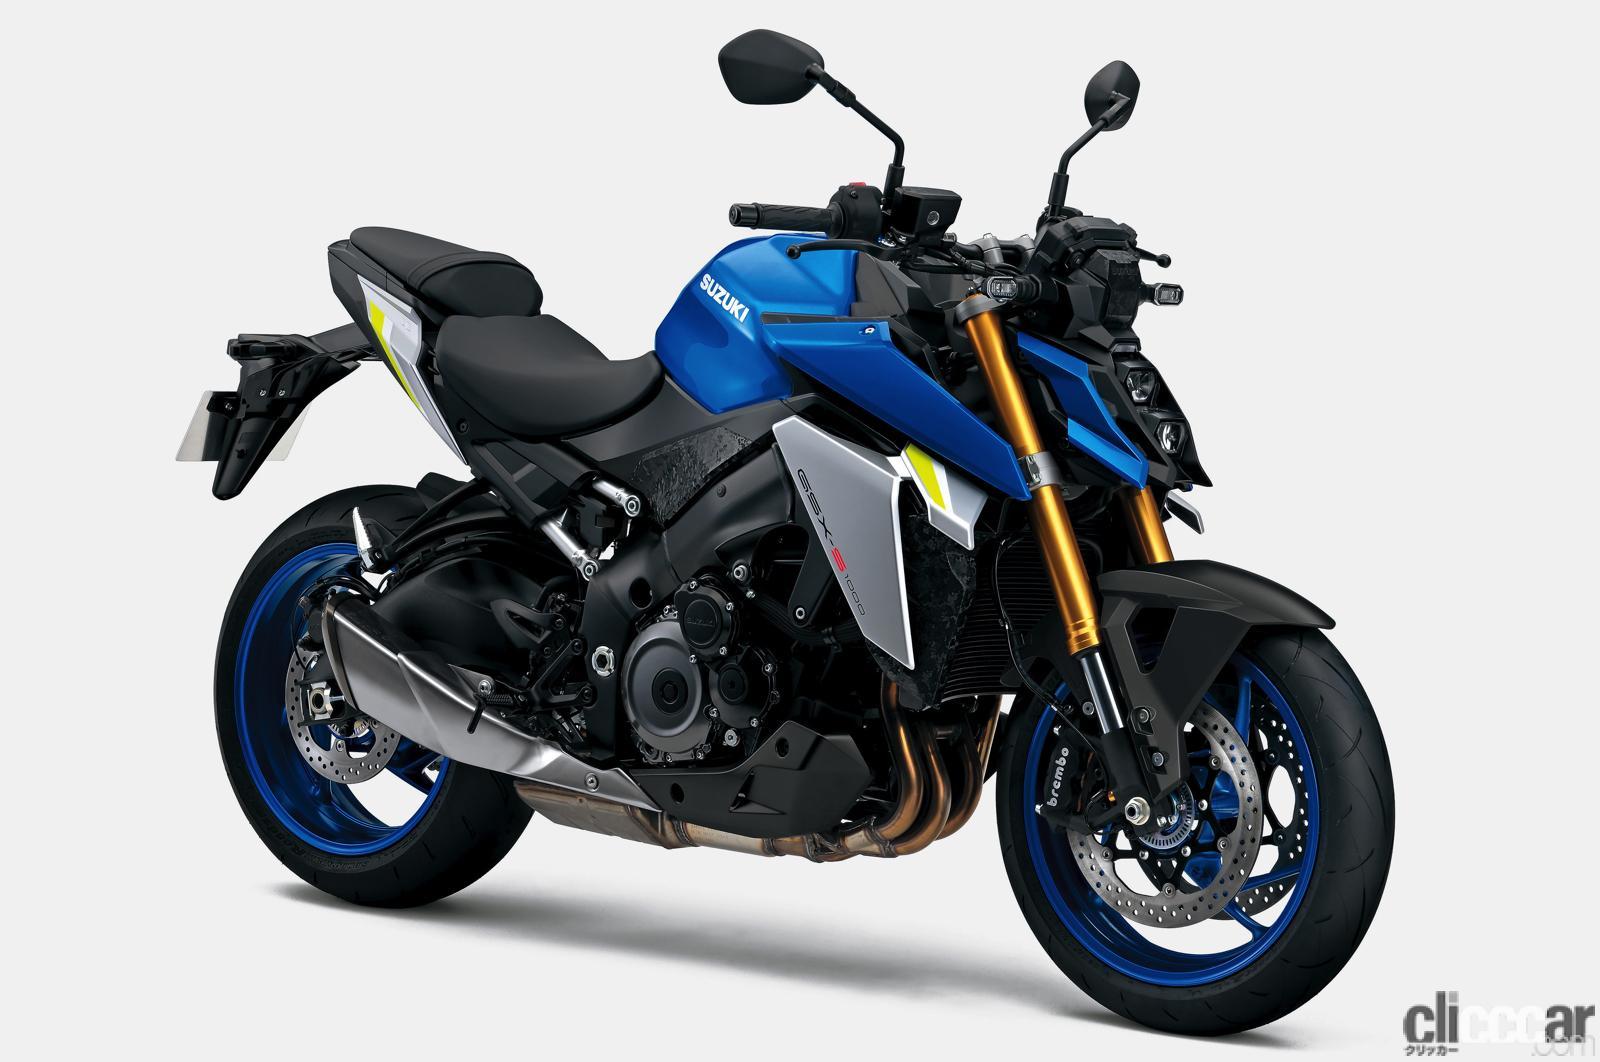 「スズキがマッチョ系ビッグバイク・2021年型「GSX-S1000」を国内投入! 欧州仕様とほぼ同スペックで143万円」の1枚目の画像